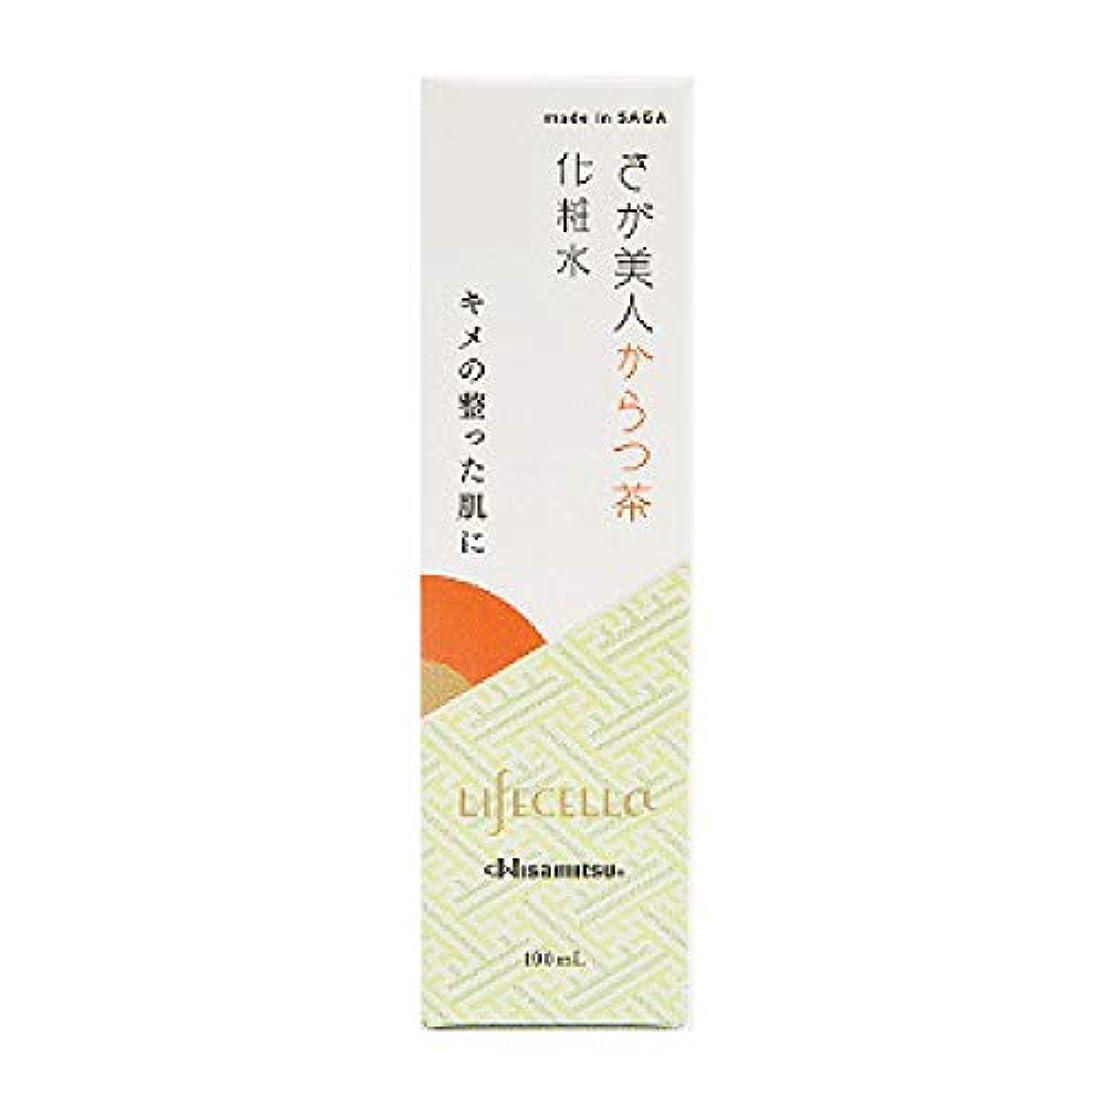 貼り直す臨検これまでさが美人 化粧水 (からつ茶) 久光製薬 ご当地 コスメ 保湿